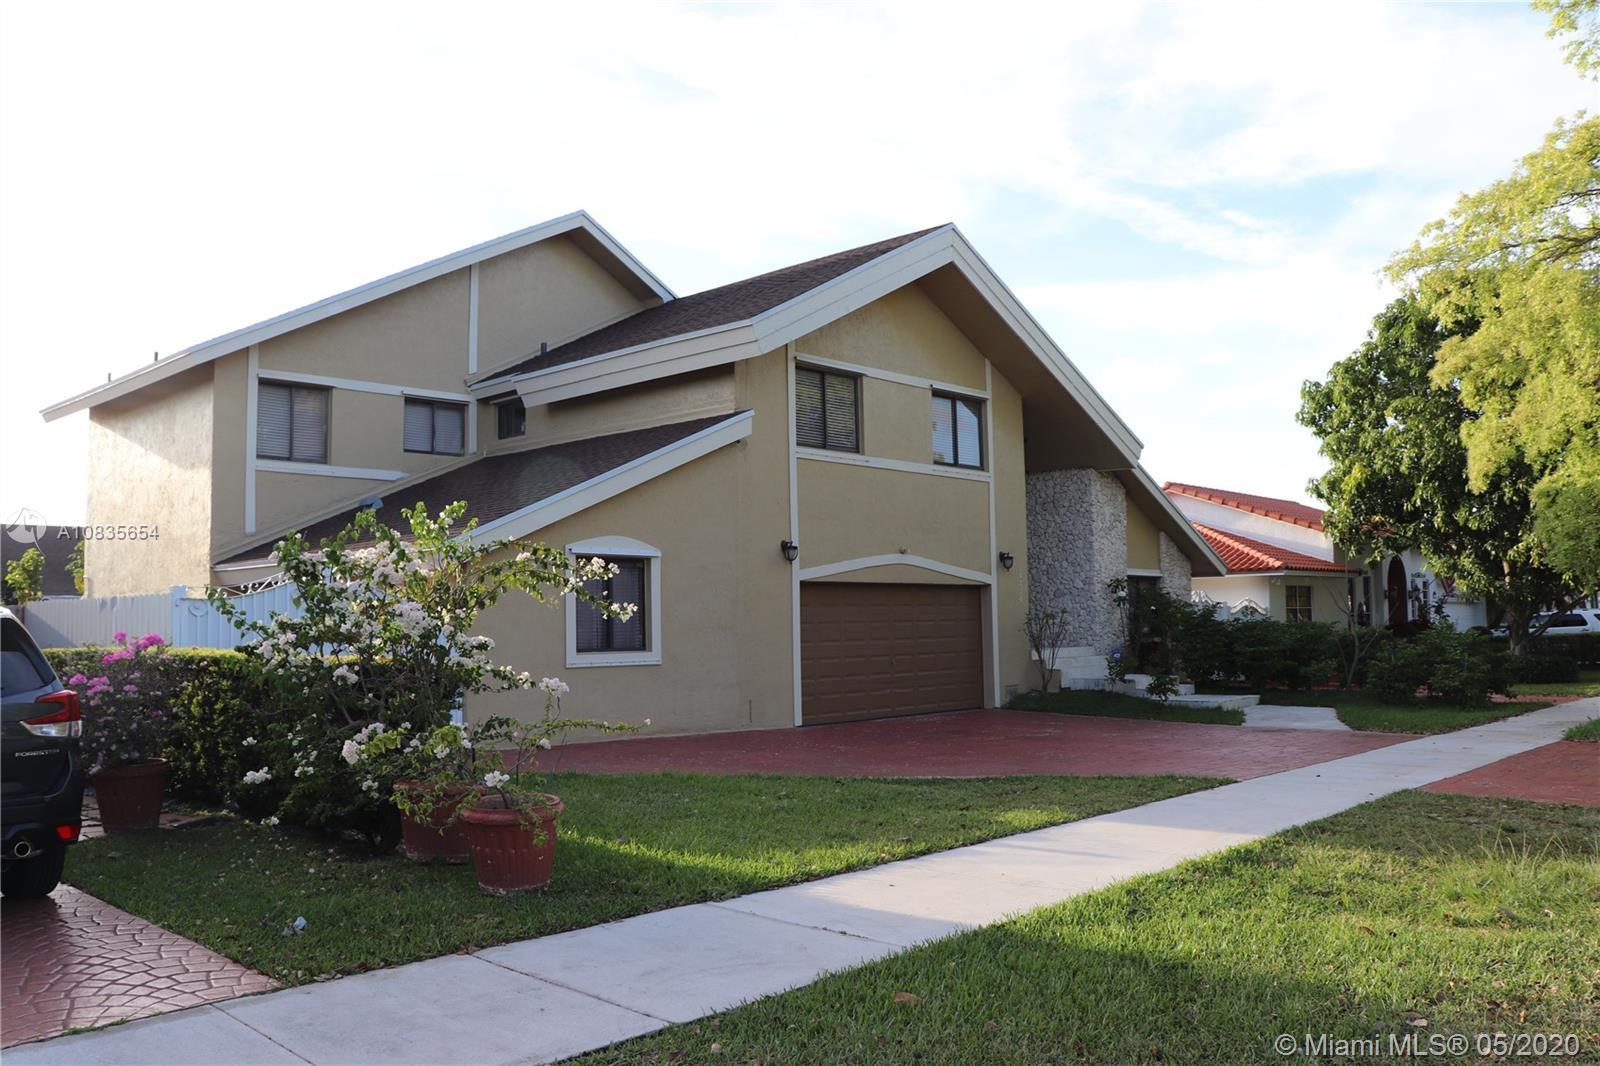 10710 SW 141st Ave, Miami, FL 33186 - Miami, FL real estate listing